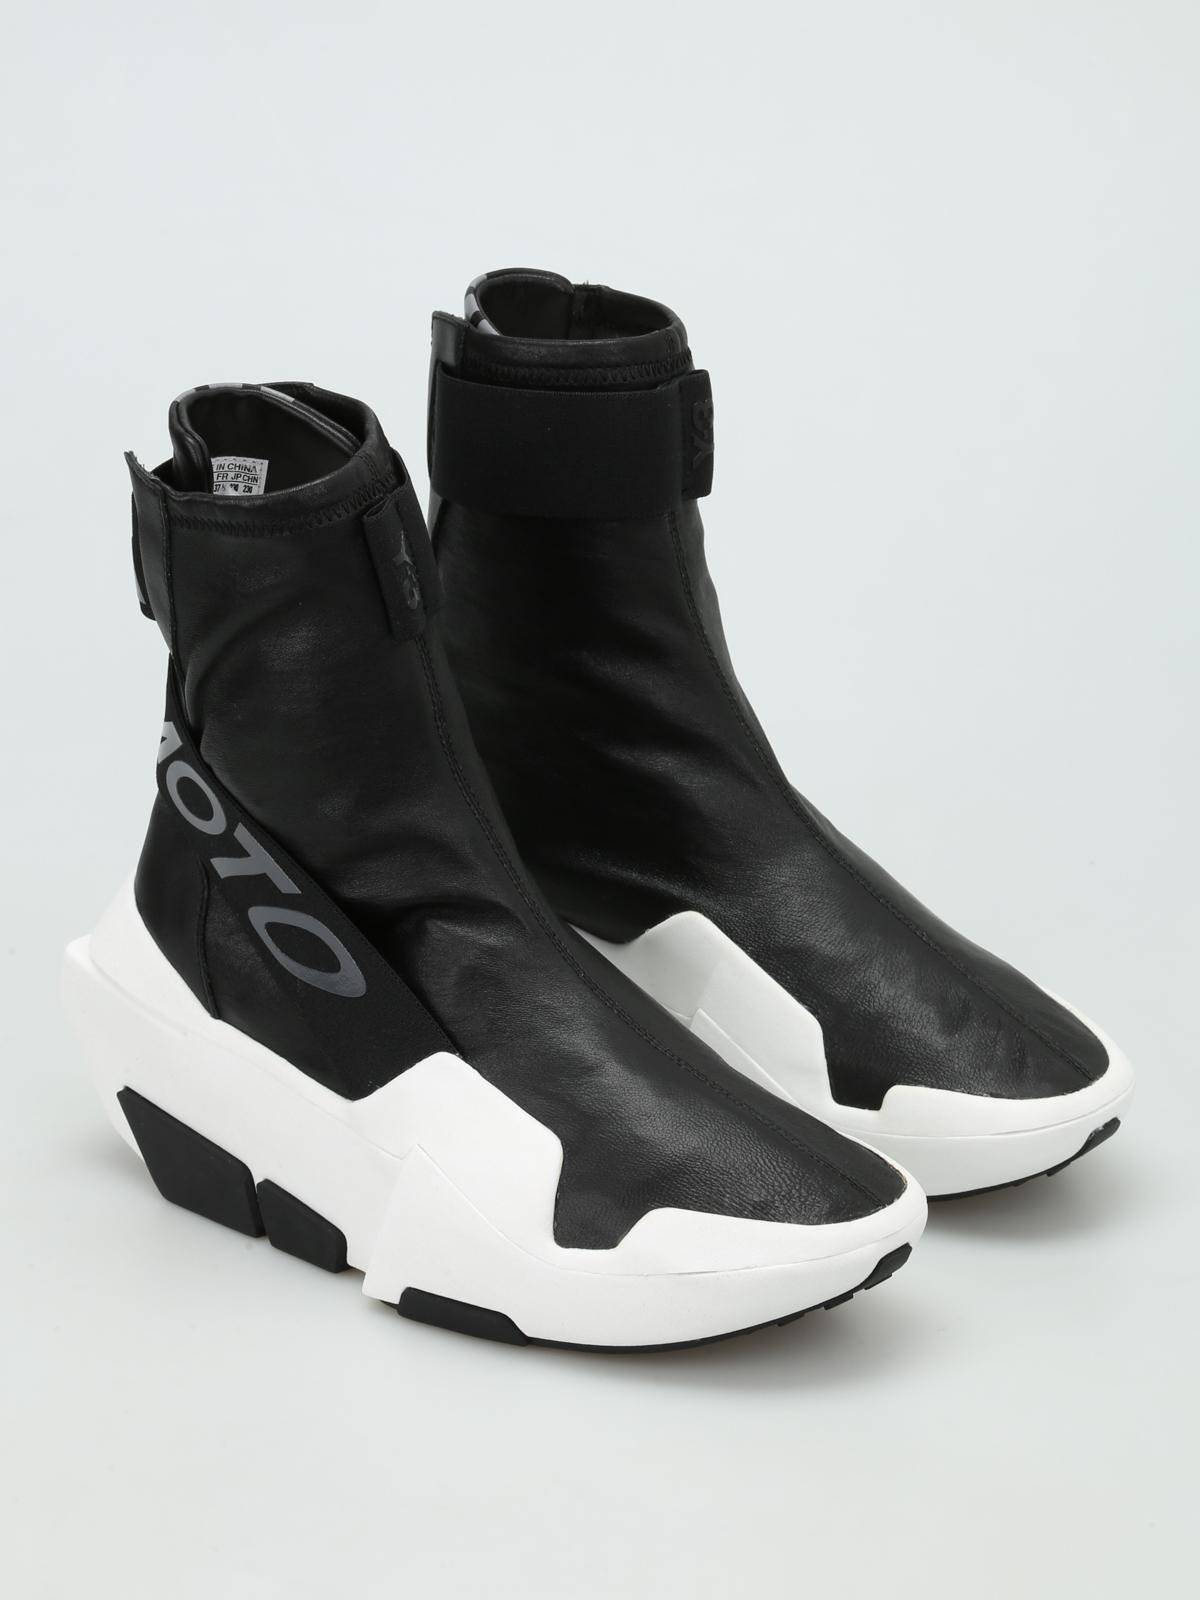 718431f6fd7c3b Adidas Y-3 - Sneaker Mira - Schwarz - Sneaker - BY2562